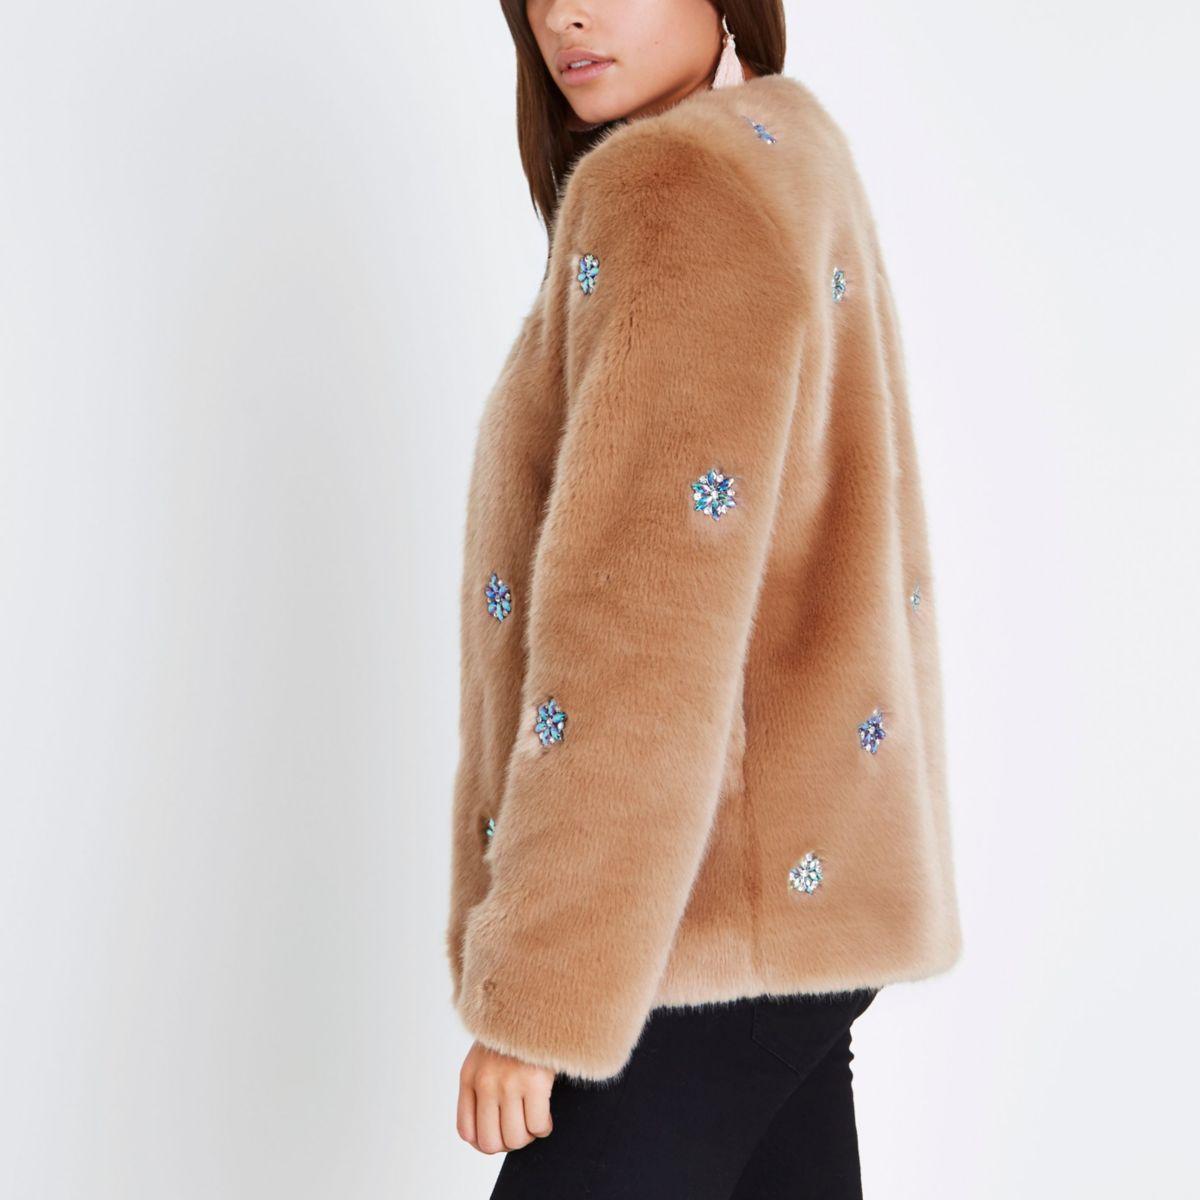 Nude floral gem embellished faux fur jacket